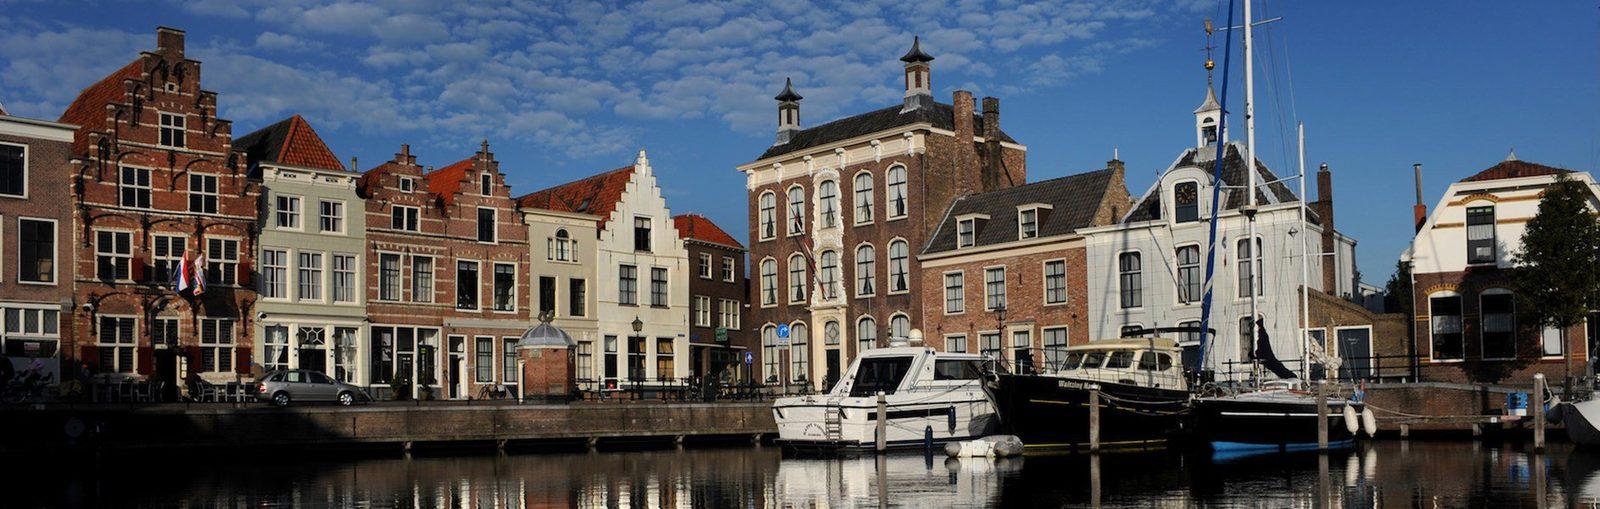 Vakantiehuis Middelburg